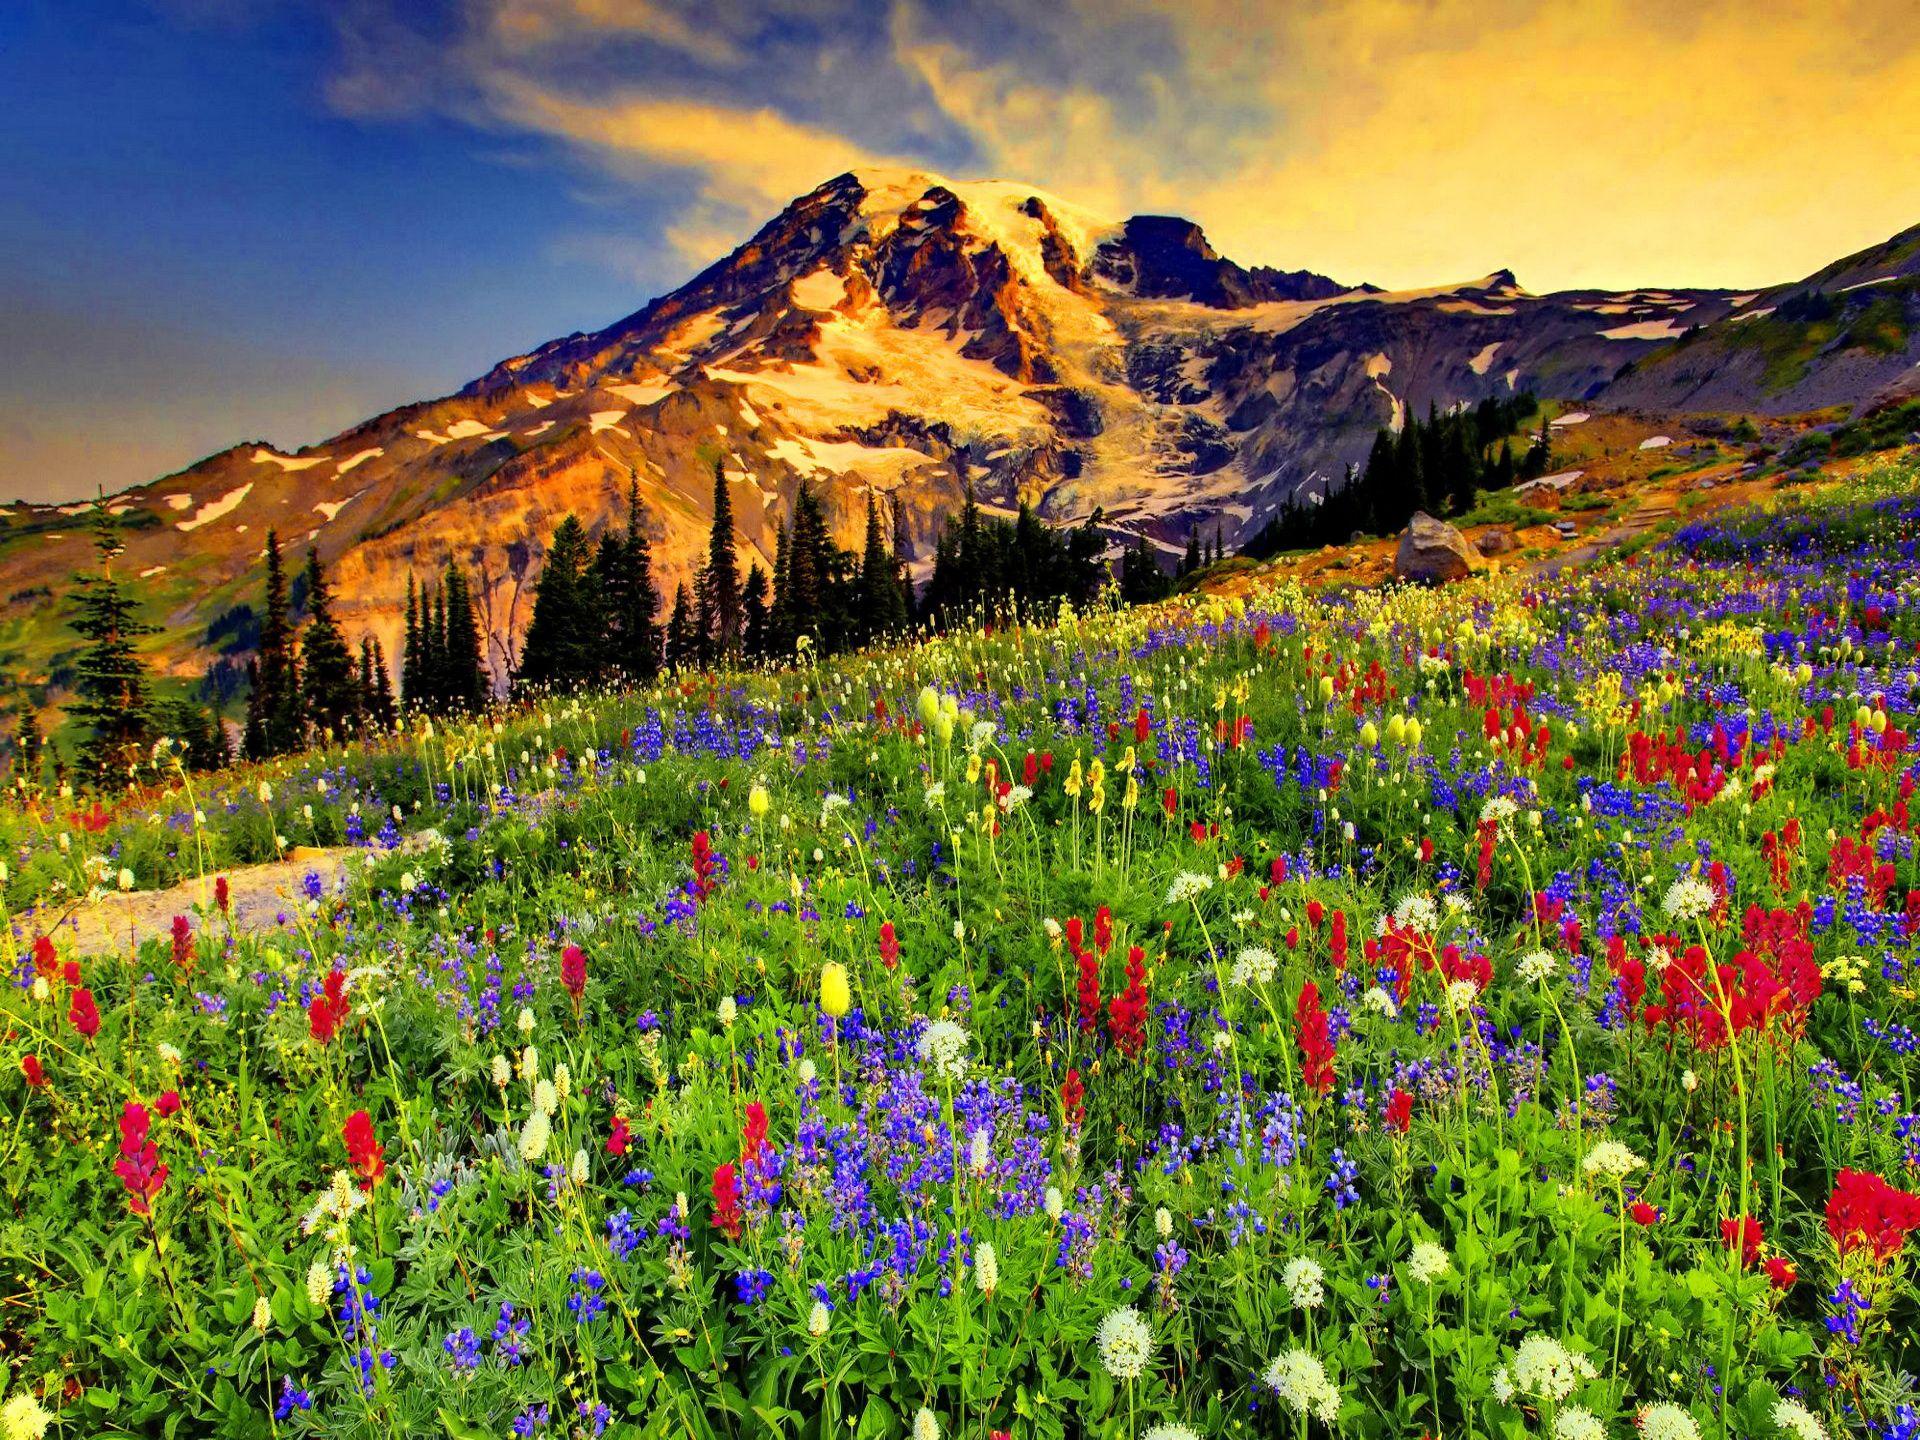 Смотреть картинки с пейзажем и цветами